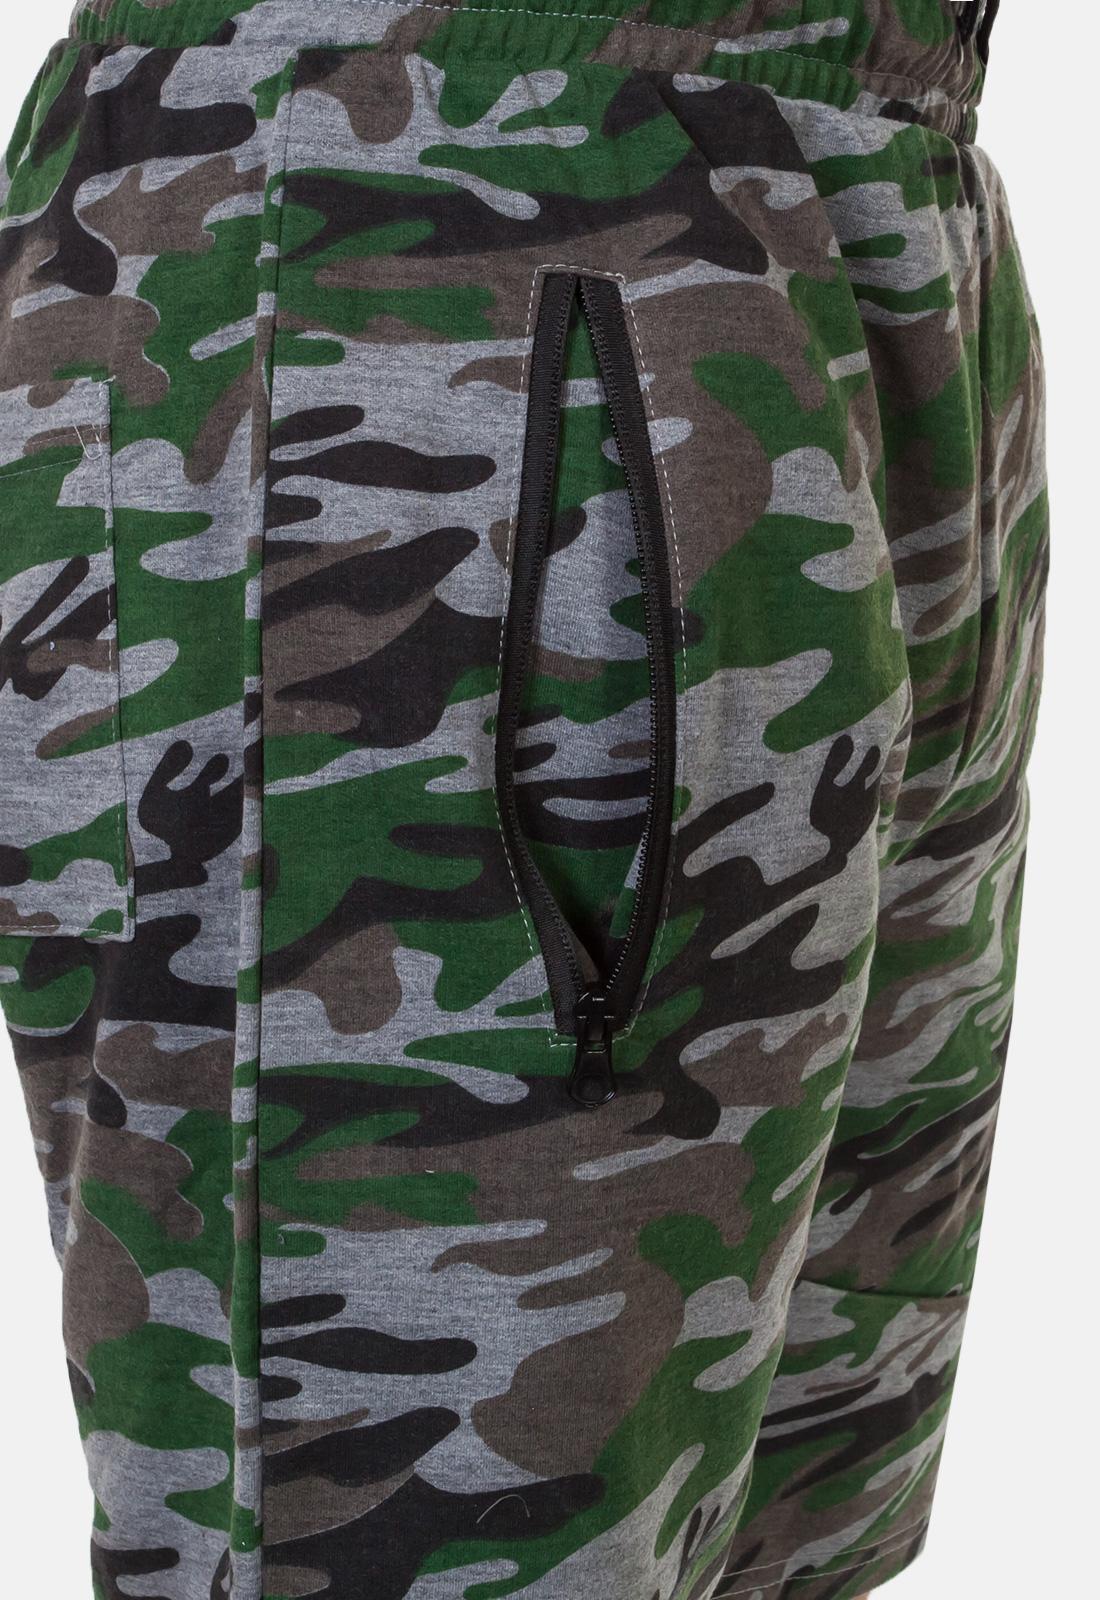 Мужские камуфляжные шорты с нашивкой Погранслужбы купить оптом